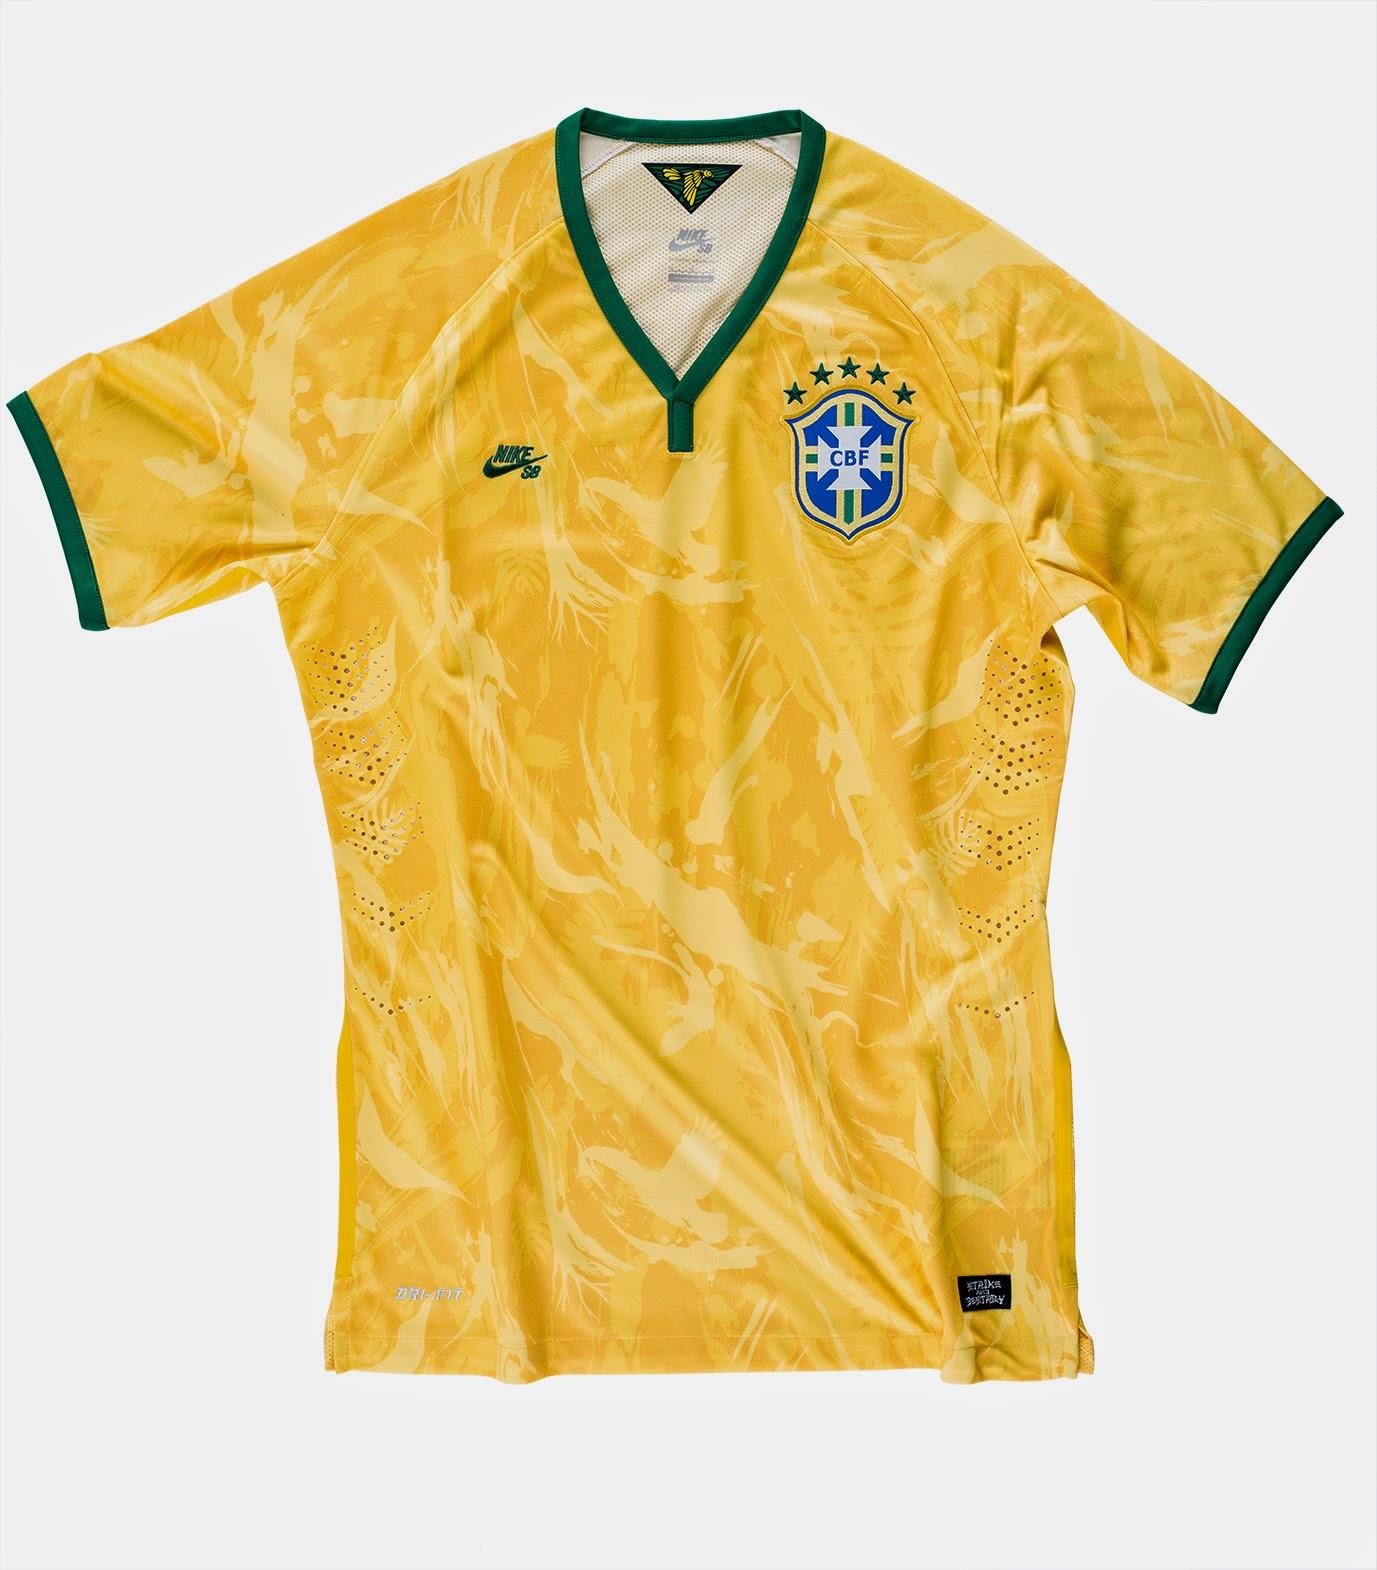 6813ef0812 Uma espécie de raio-X do corpo inteiro dos atletas da Seleção Brasileira  coletou dados completos em relação à anatomia do ...